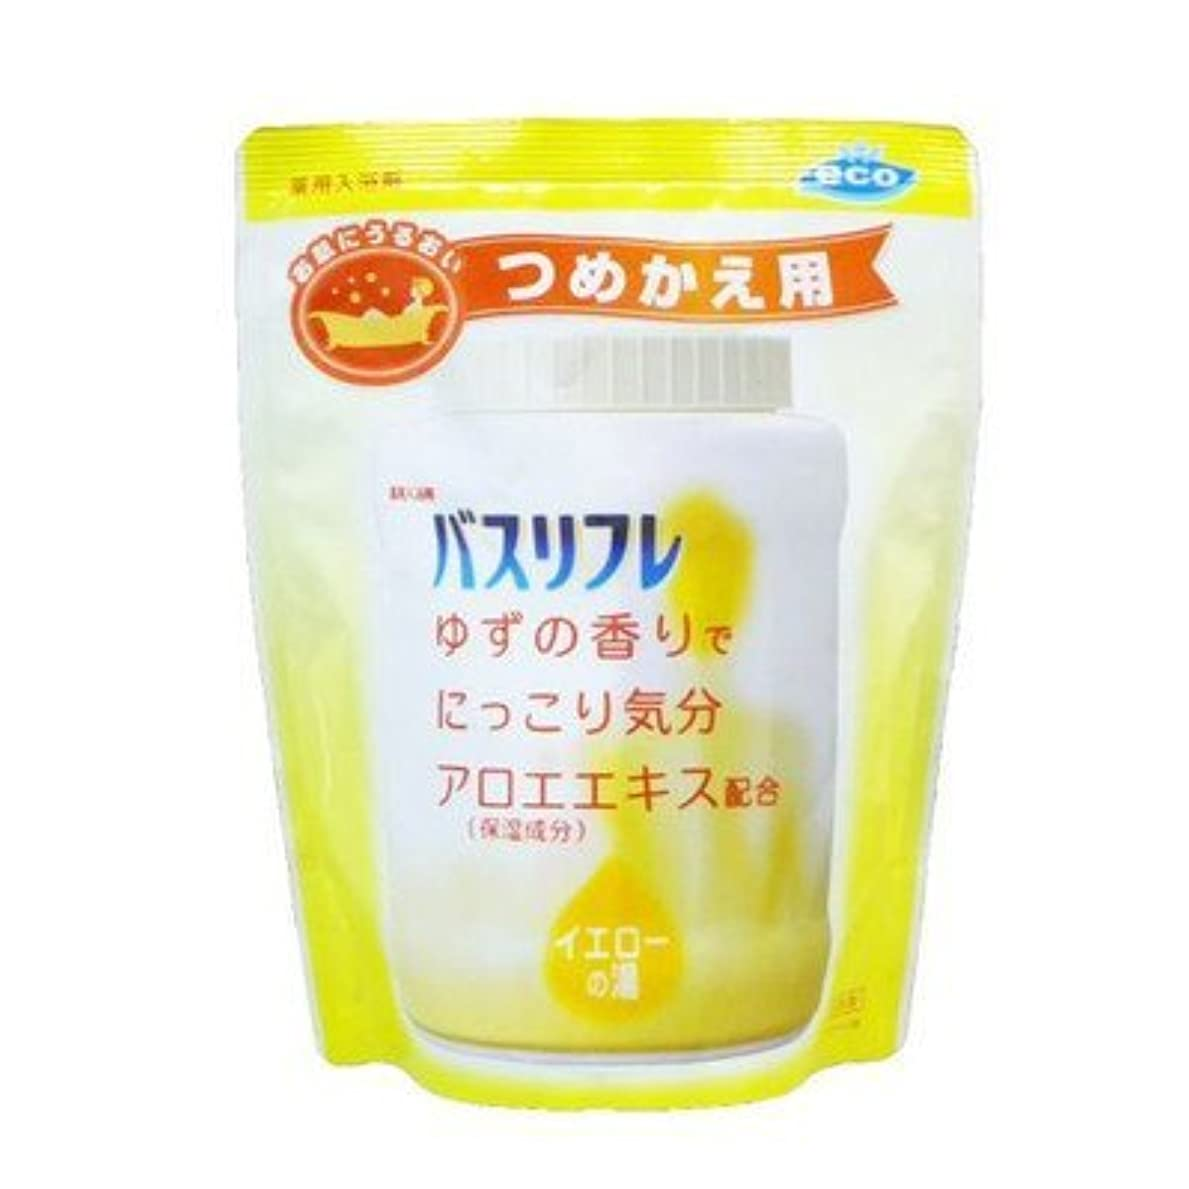 ヘルパー借りる無人薬用入浴剤 バスリフレ イエローの湯 つめかえ用 540g ゆずの香り (ライオンケミカル) Japan